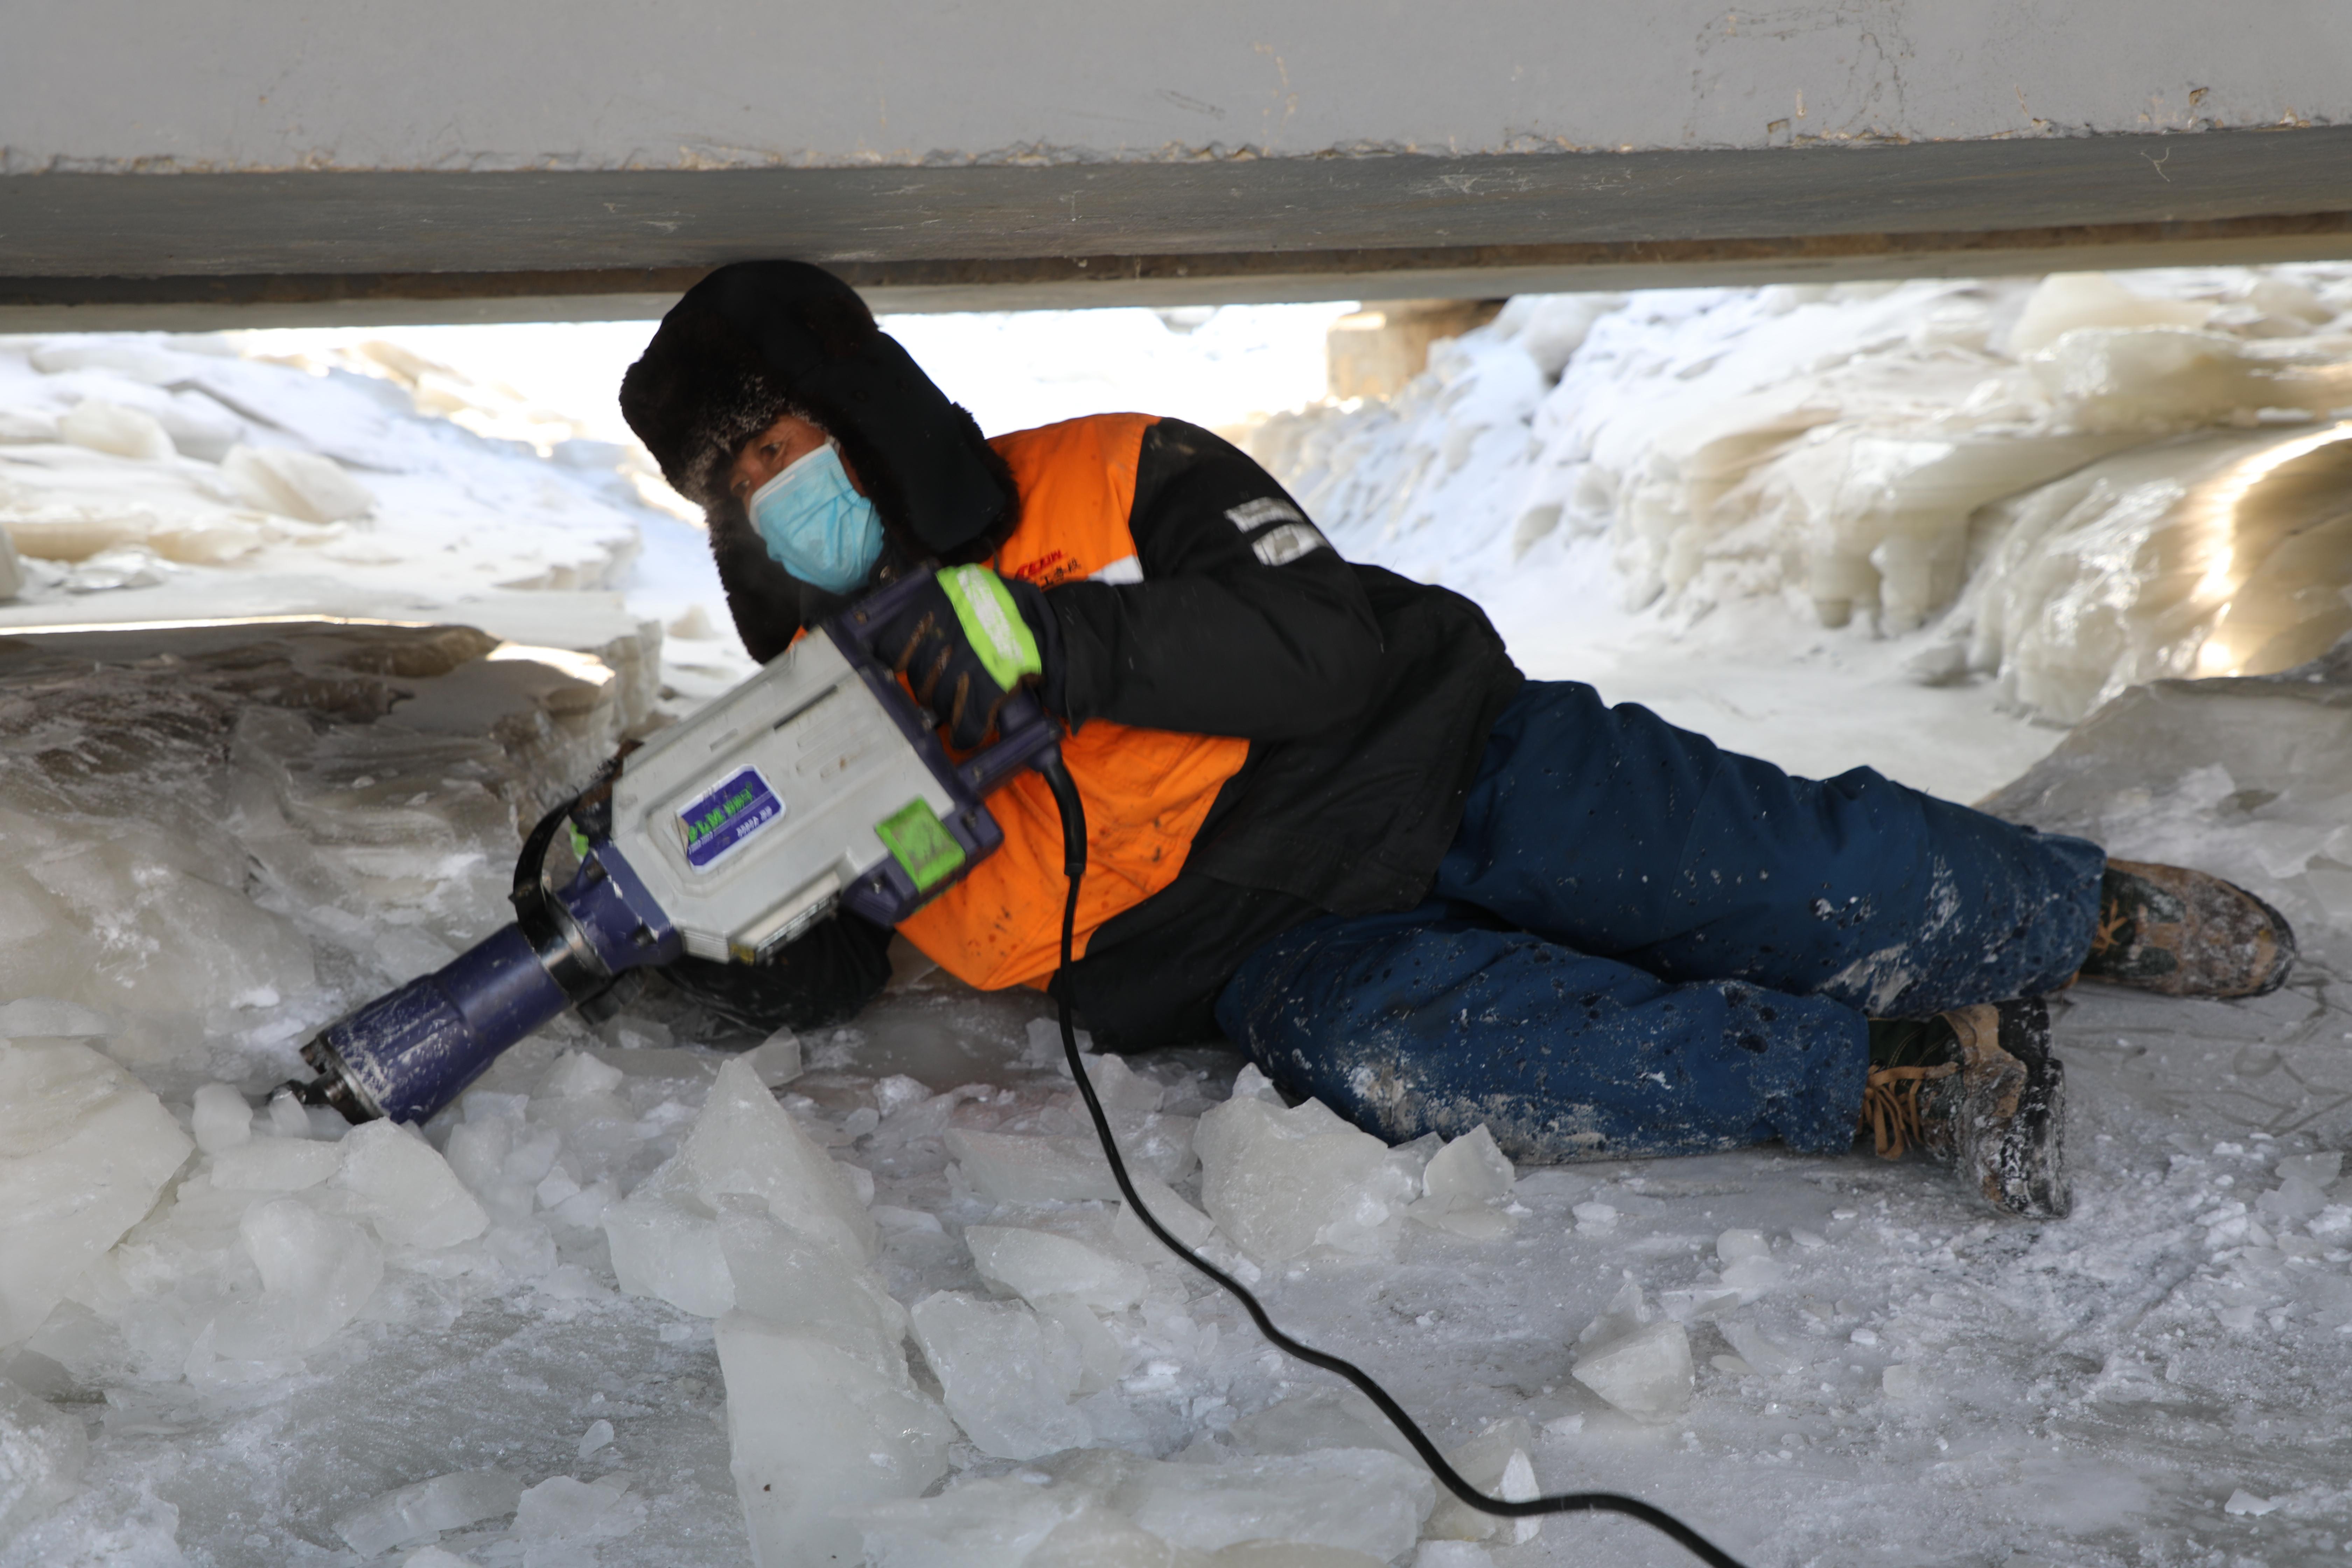 图2为桥梁工趴伏冰面上进行破冰作业 关贺贺摄.JPG